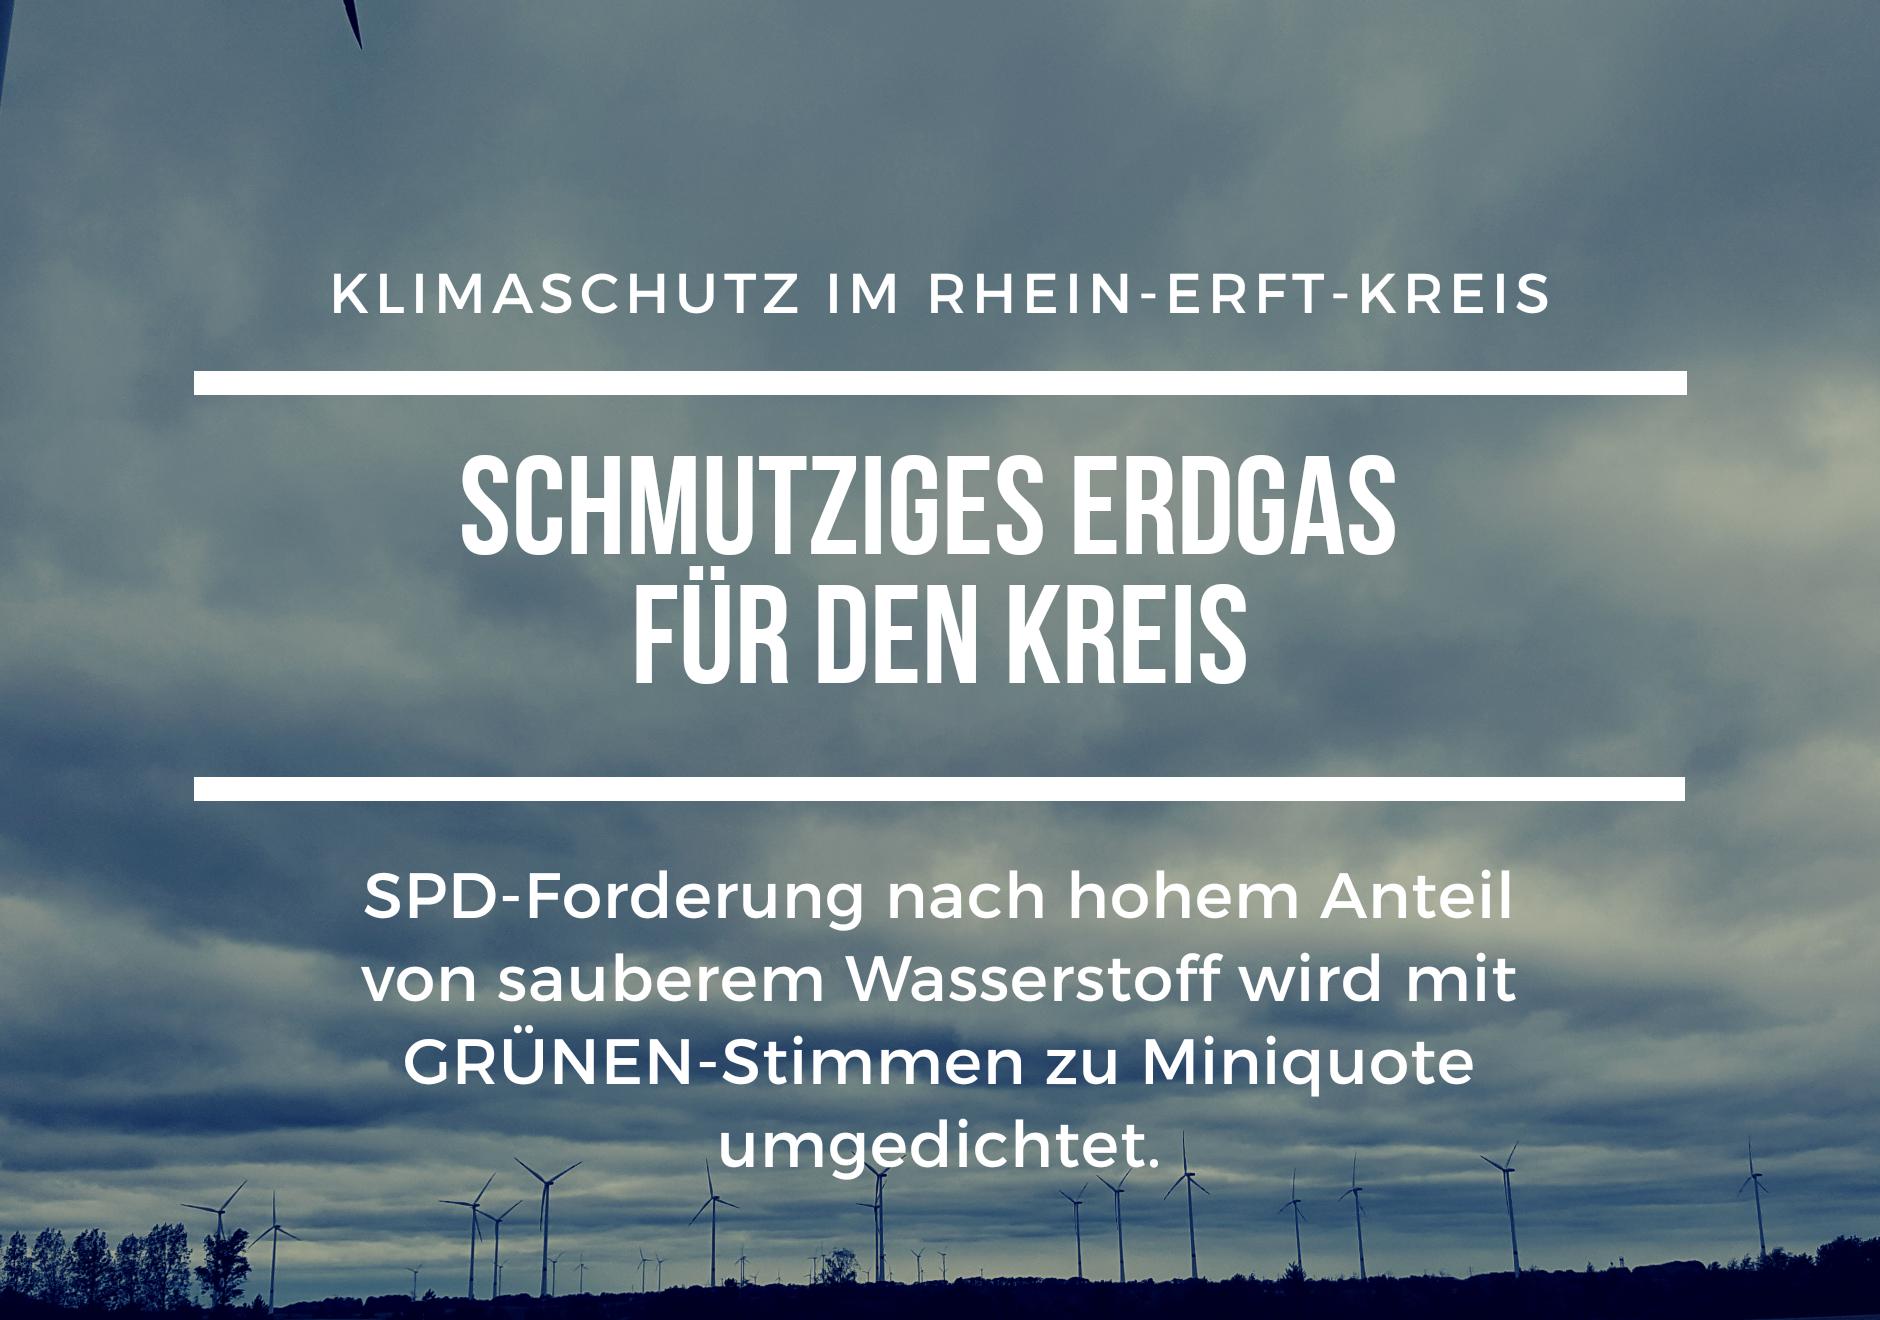 Sharepic Energielieferungen: Mit Stimme der GRÜNEN wird nur eine Miniquote für sauberen Wasserstoff eingeführt